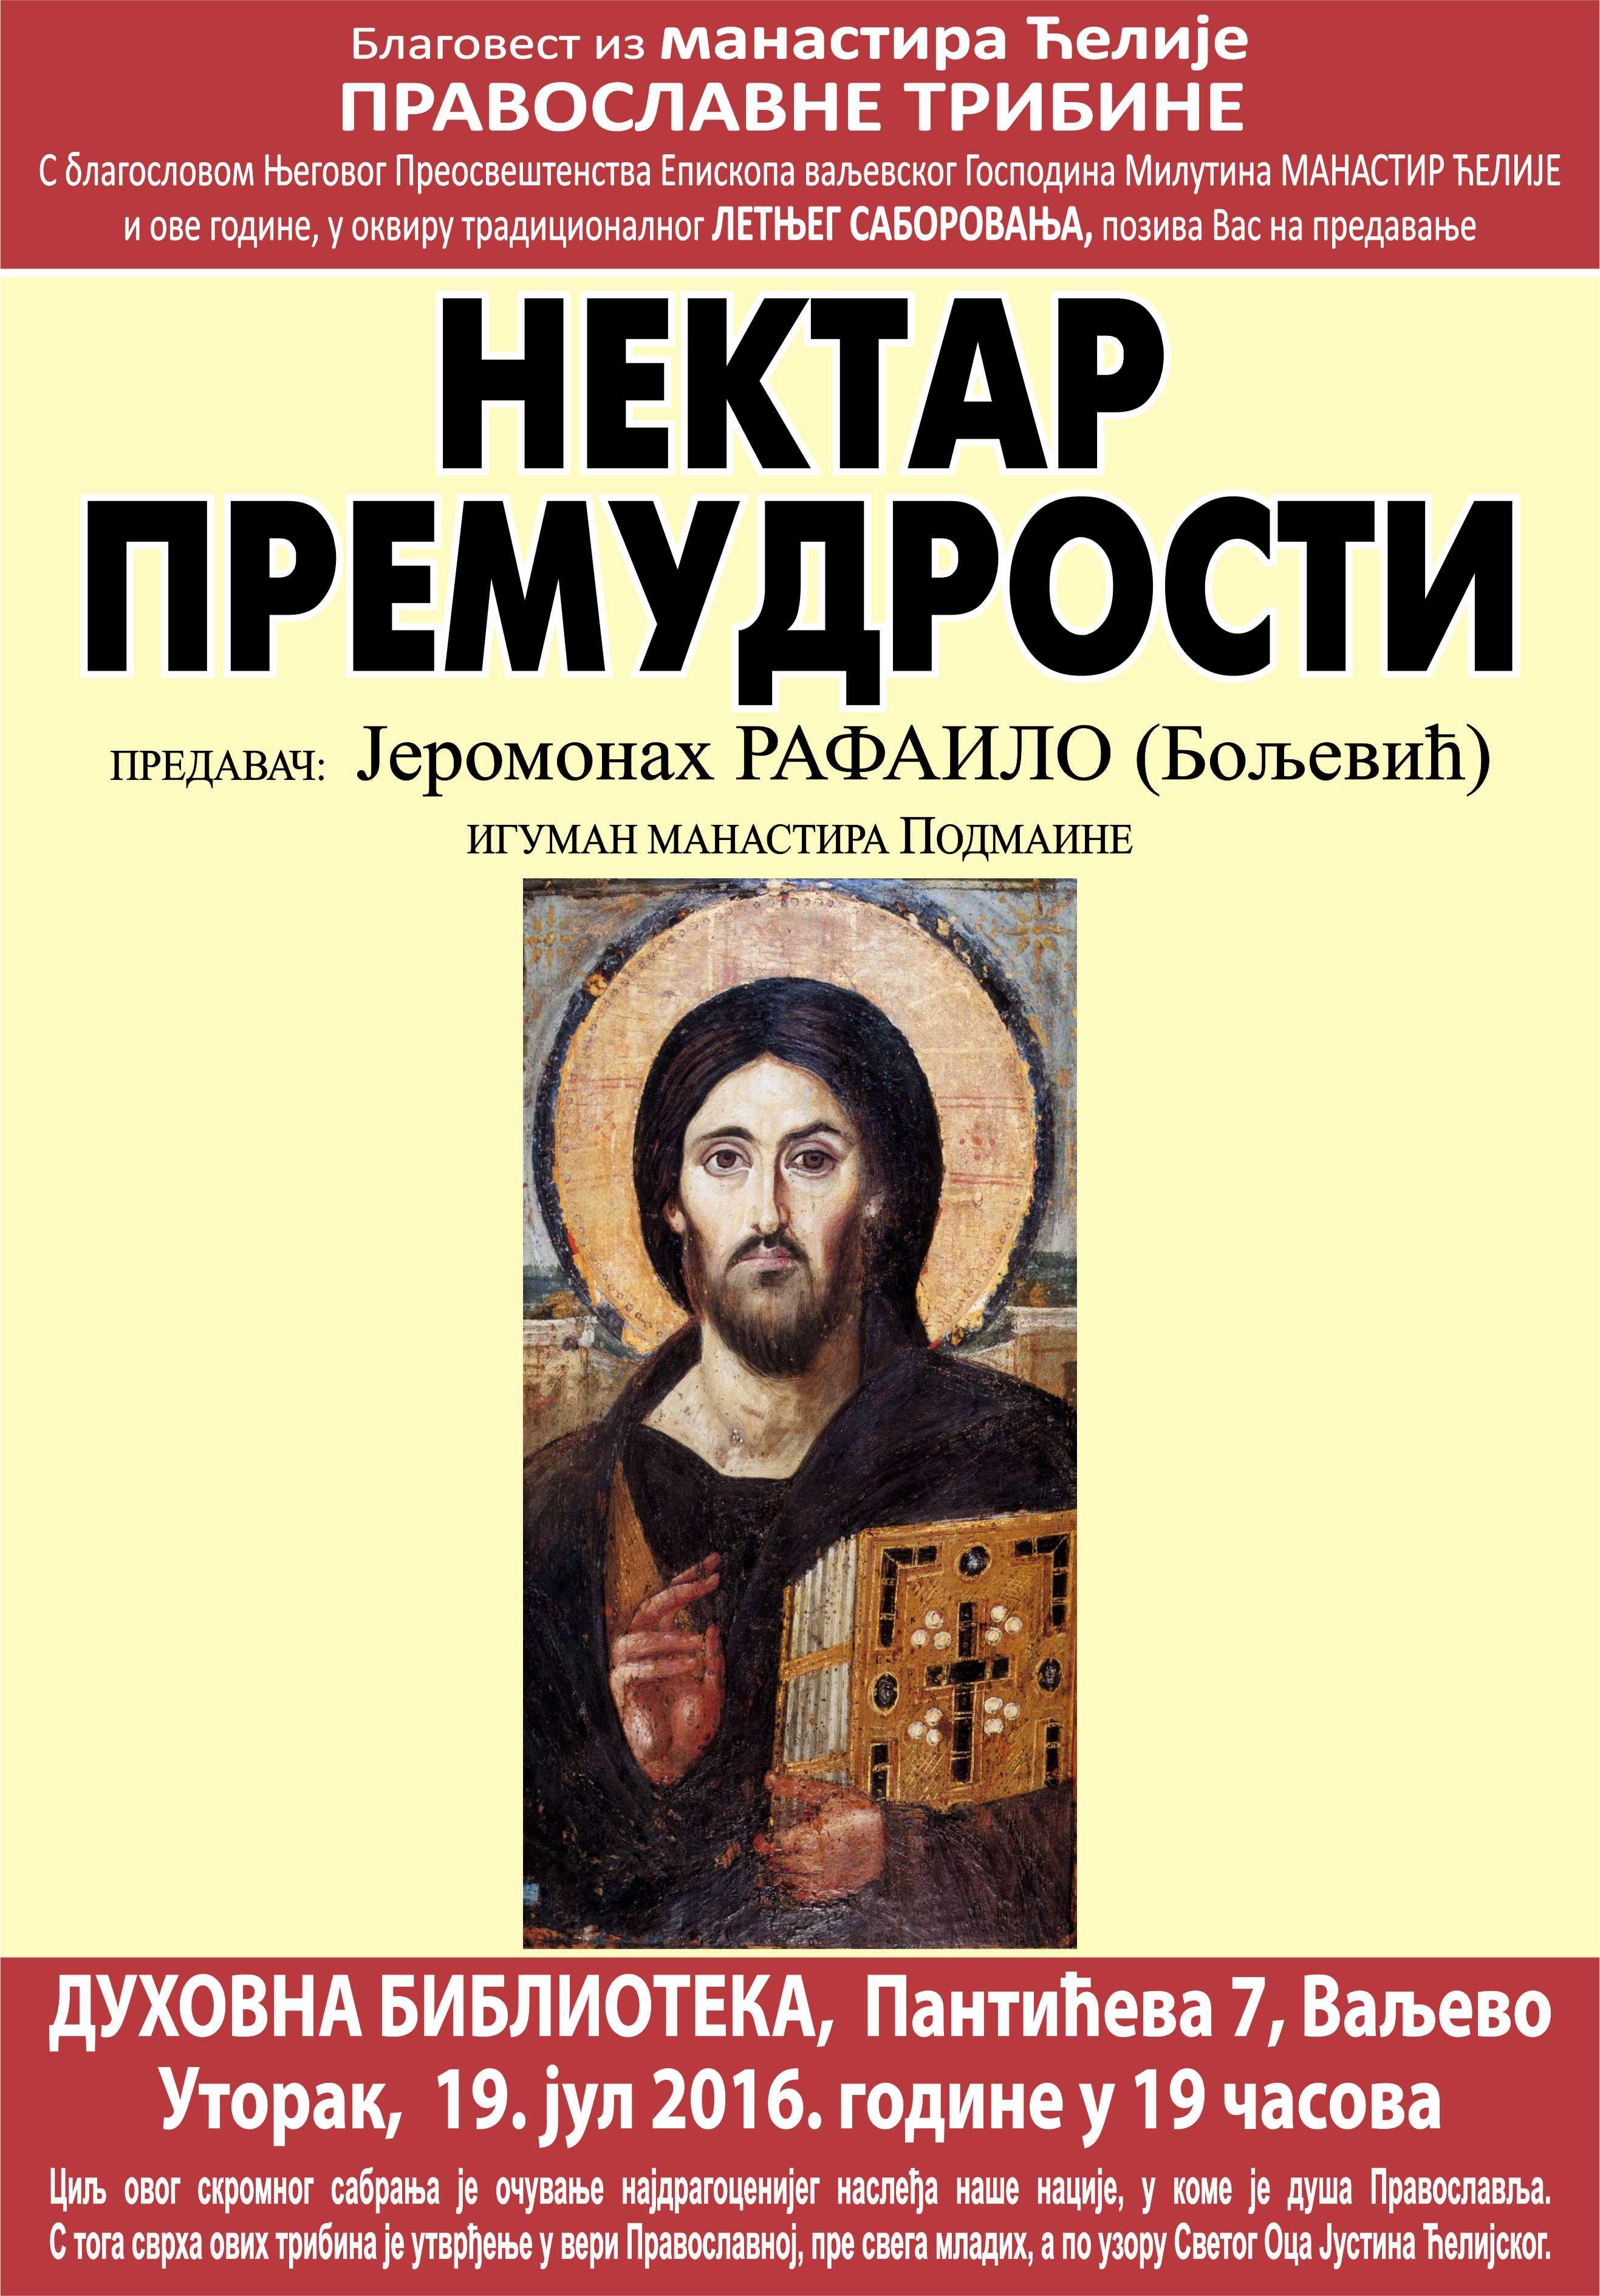 Најава: Трибина у организацији манастира Ћелије